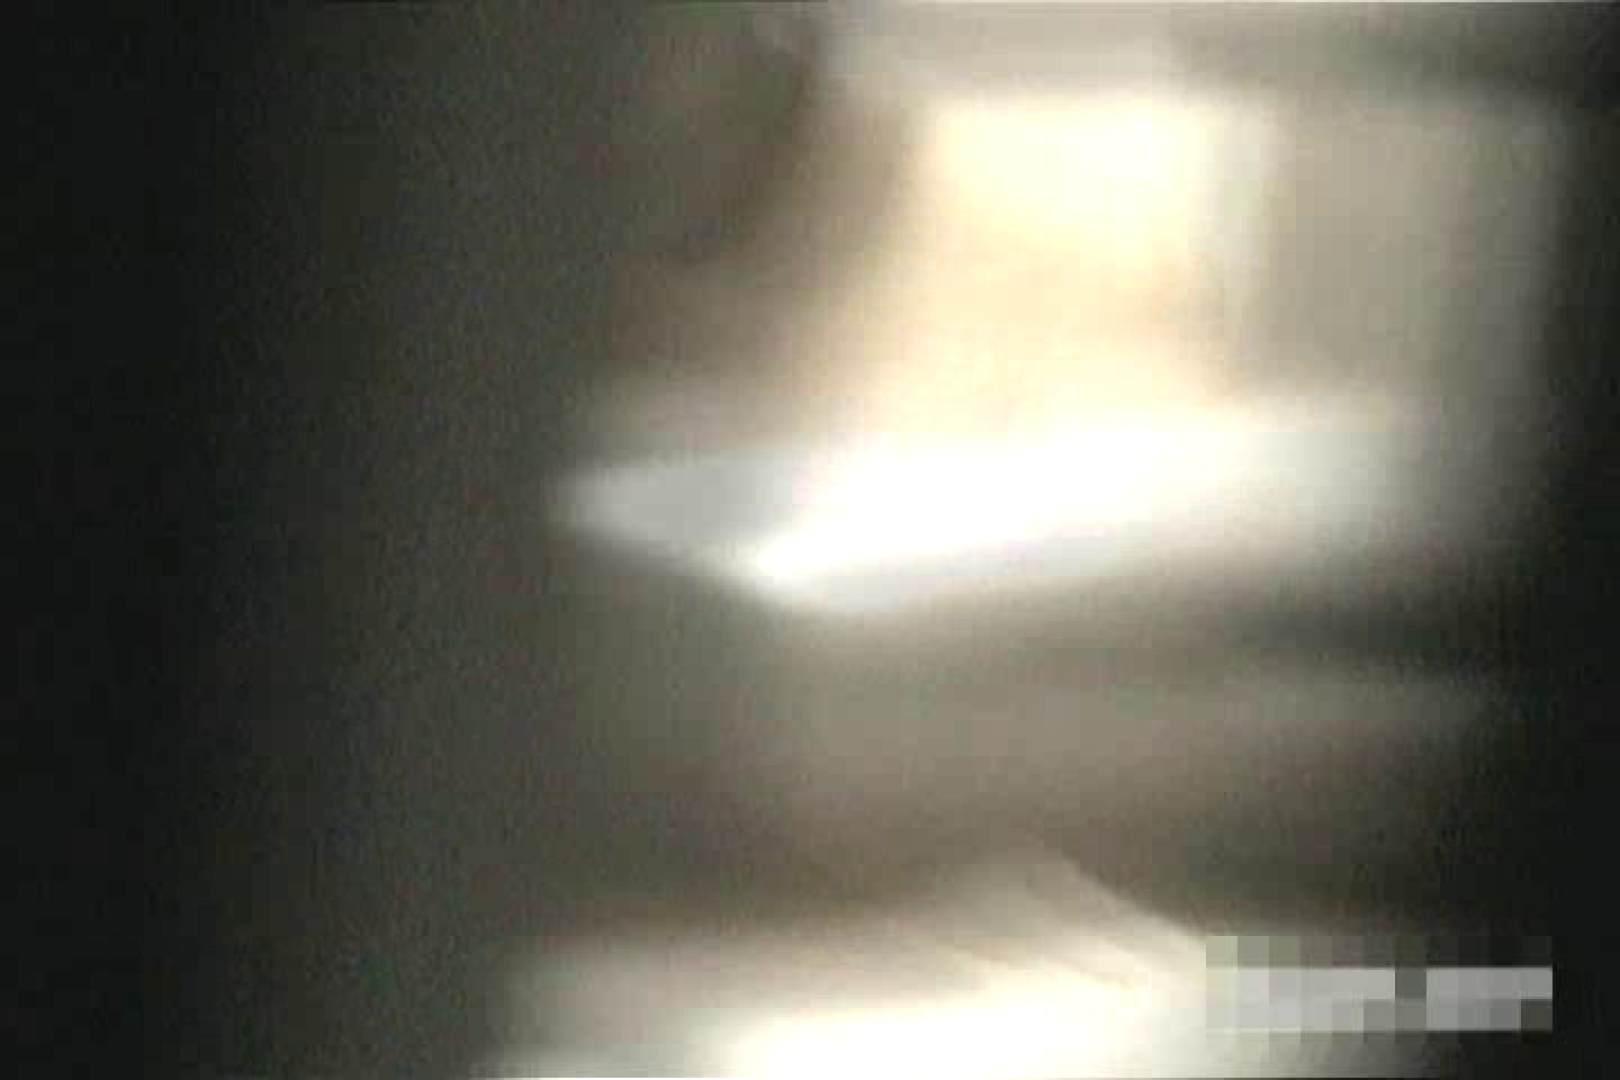 激撮ストーカー記録あなたのお宅拝見しますVol.5 プライベート | エロティックなOL  103画像 26